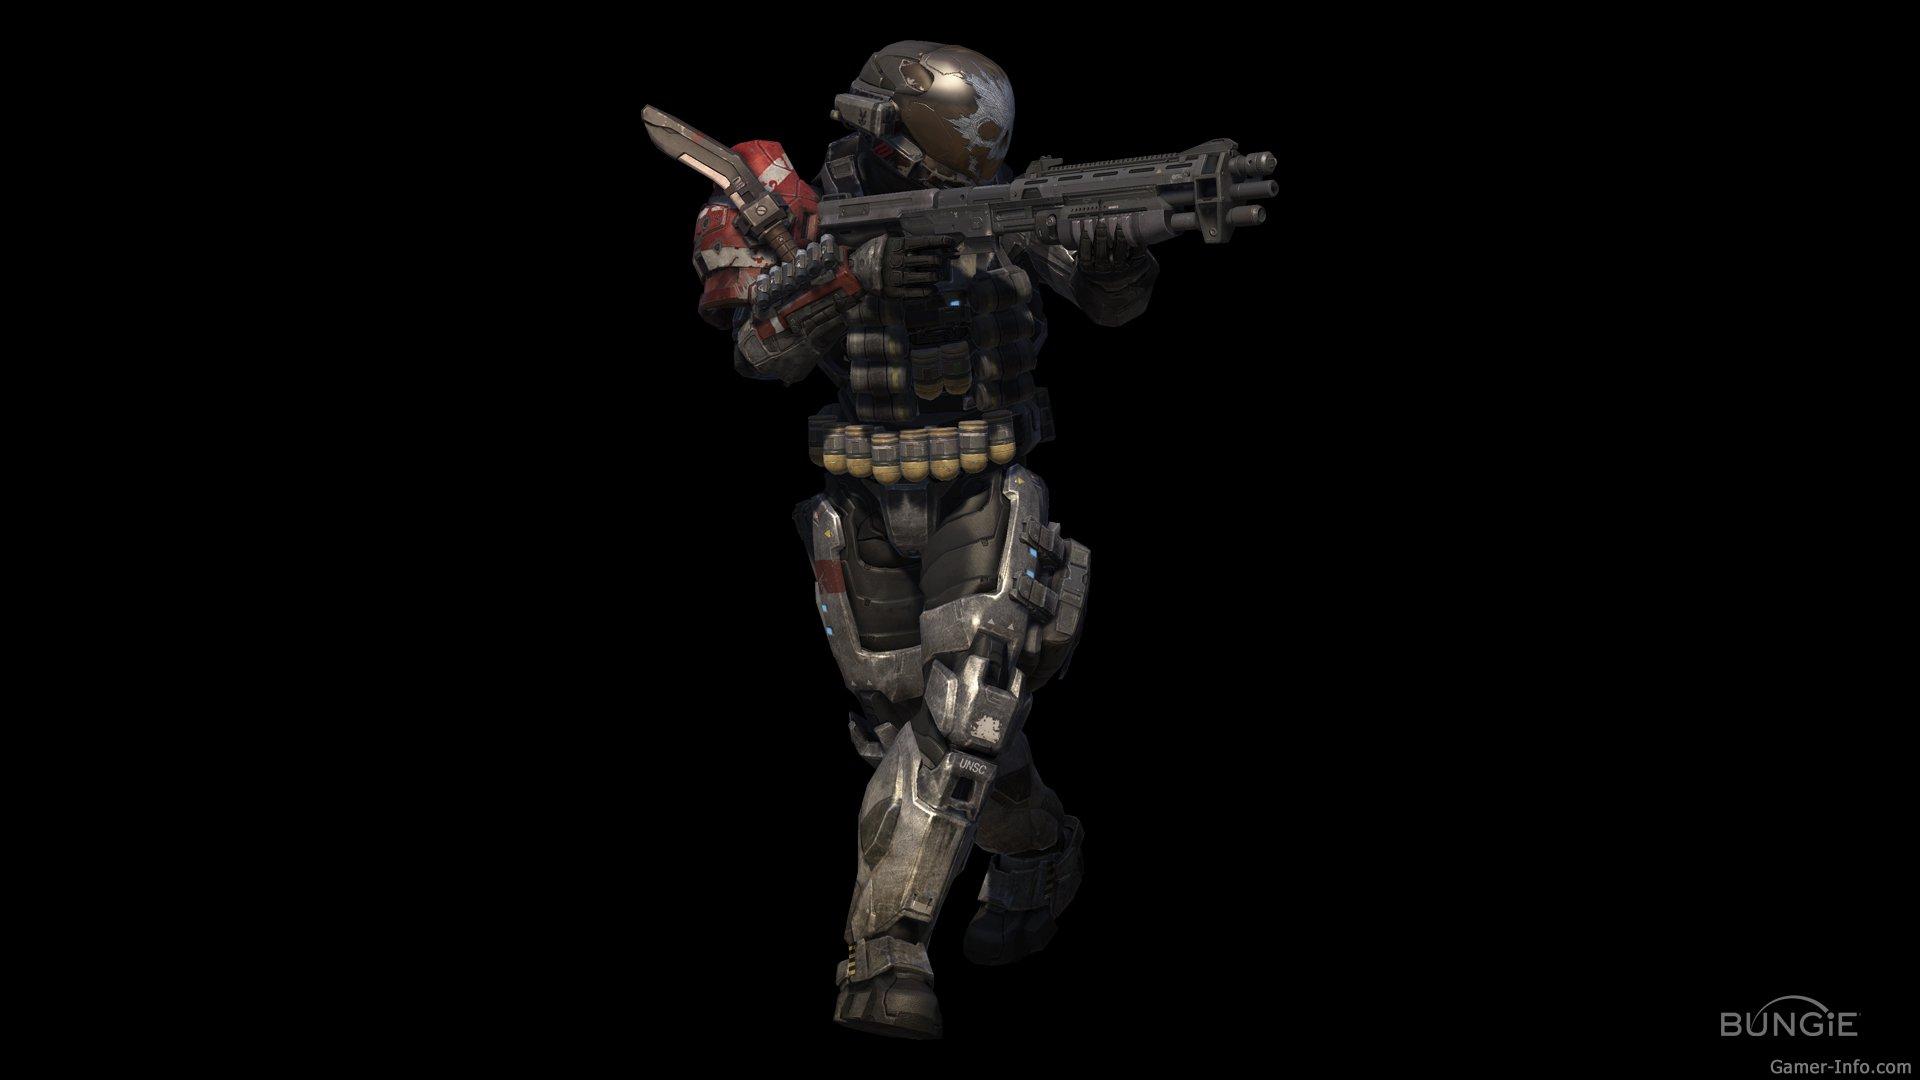 Halo Reach è un videogioco FPS del 2010 sviluppato da Bungie Studios e pubblicato da Microsoft Game Studios in esclusiva per Xbox 360 Si tratta di uno spinoff